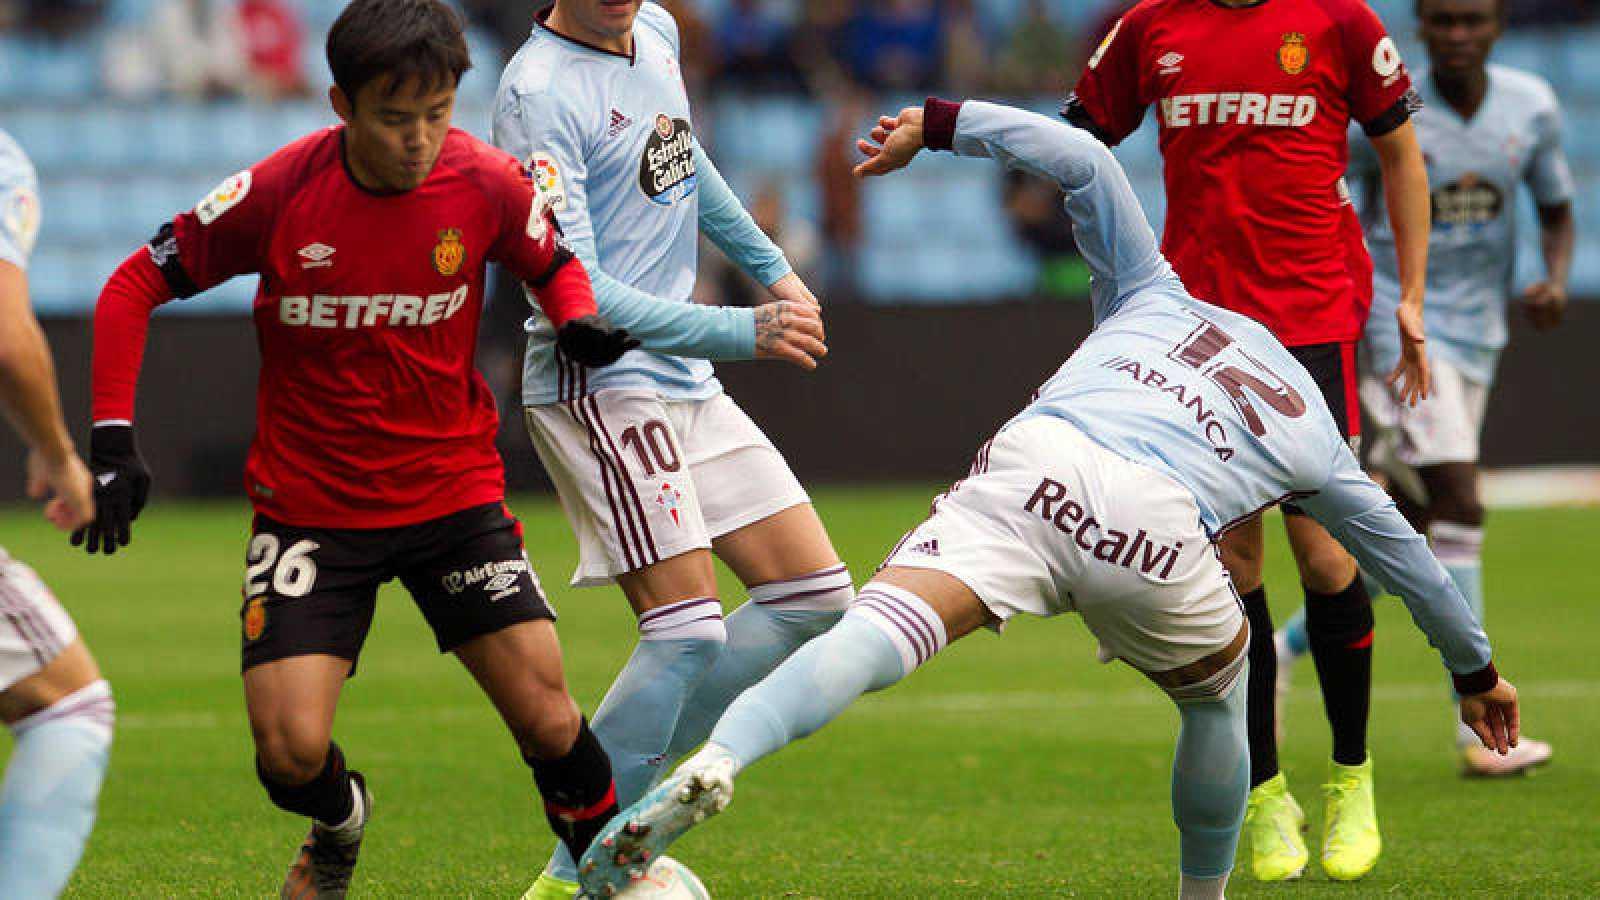 El centrocampista del Celta de Vigo Rafinha, disputa el balón con el centrocampista japonés del Mallorca Takefusa Kubo.